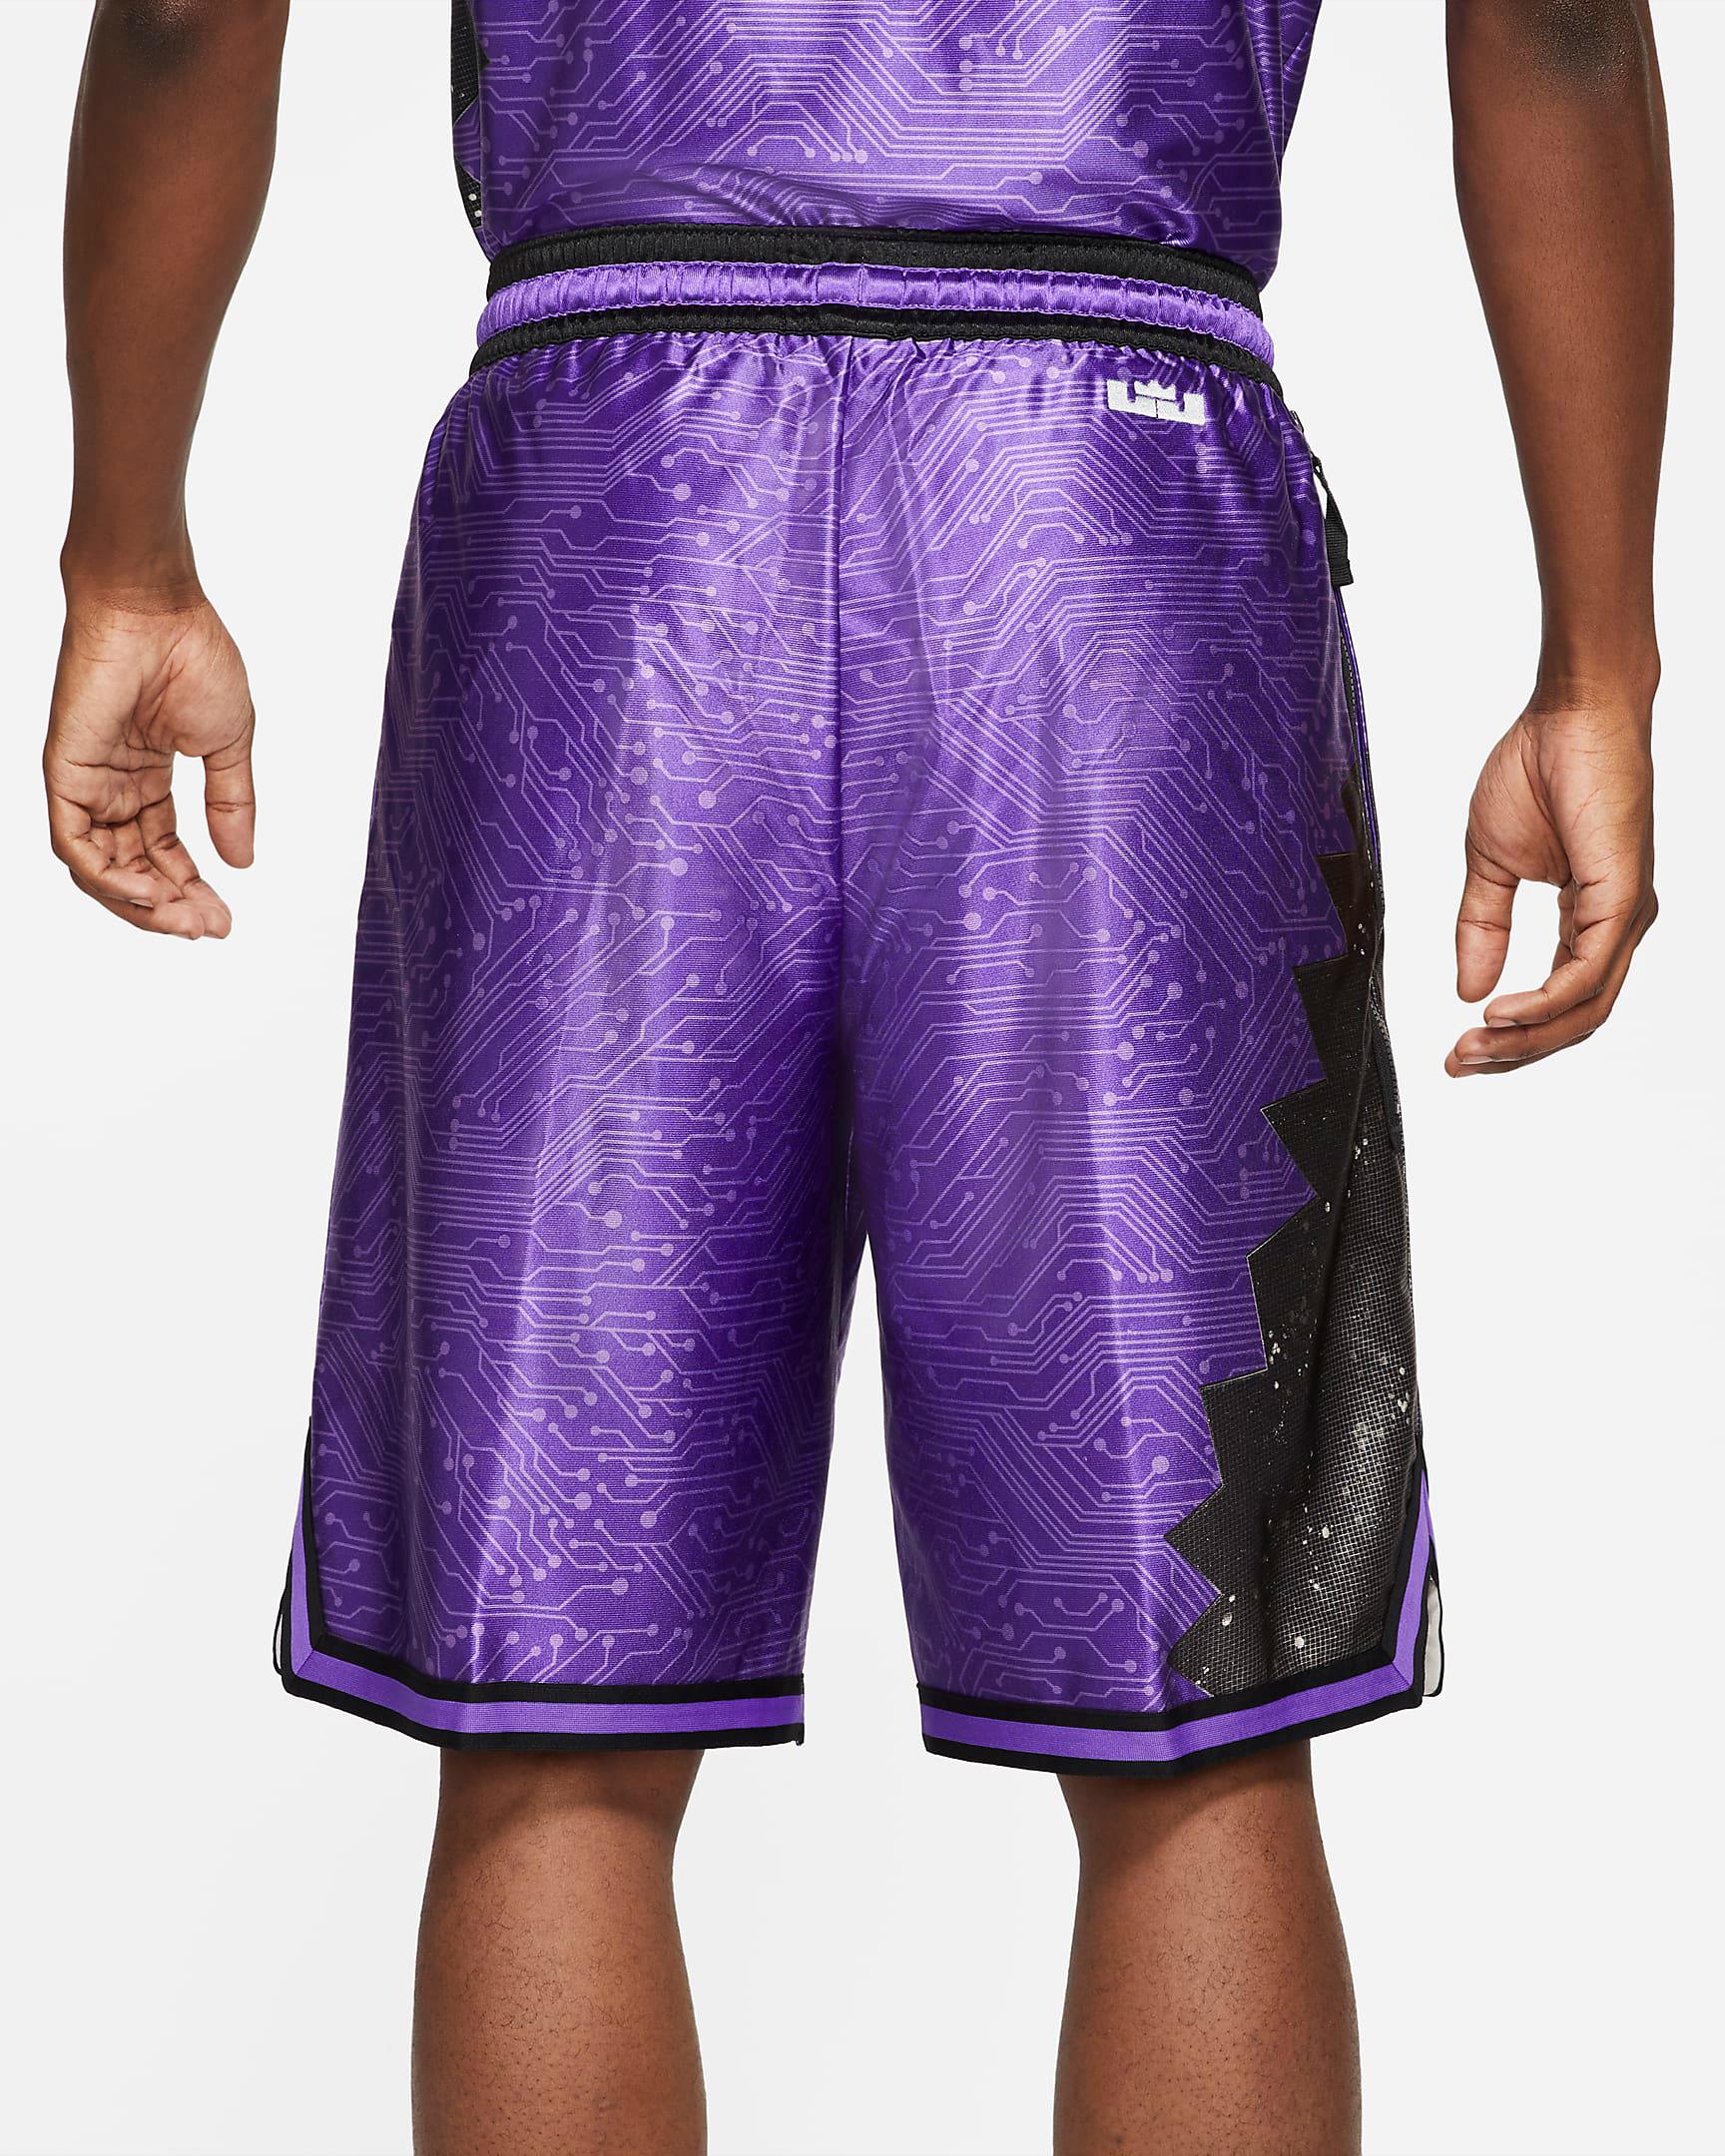 nike-lebron-space-jam-goon-squad-shorts-3